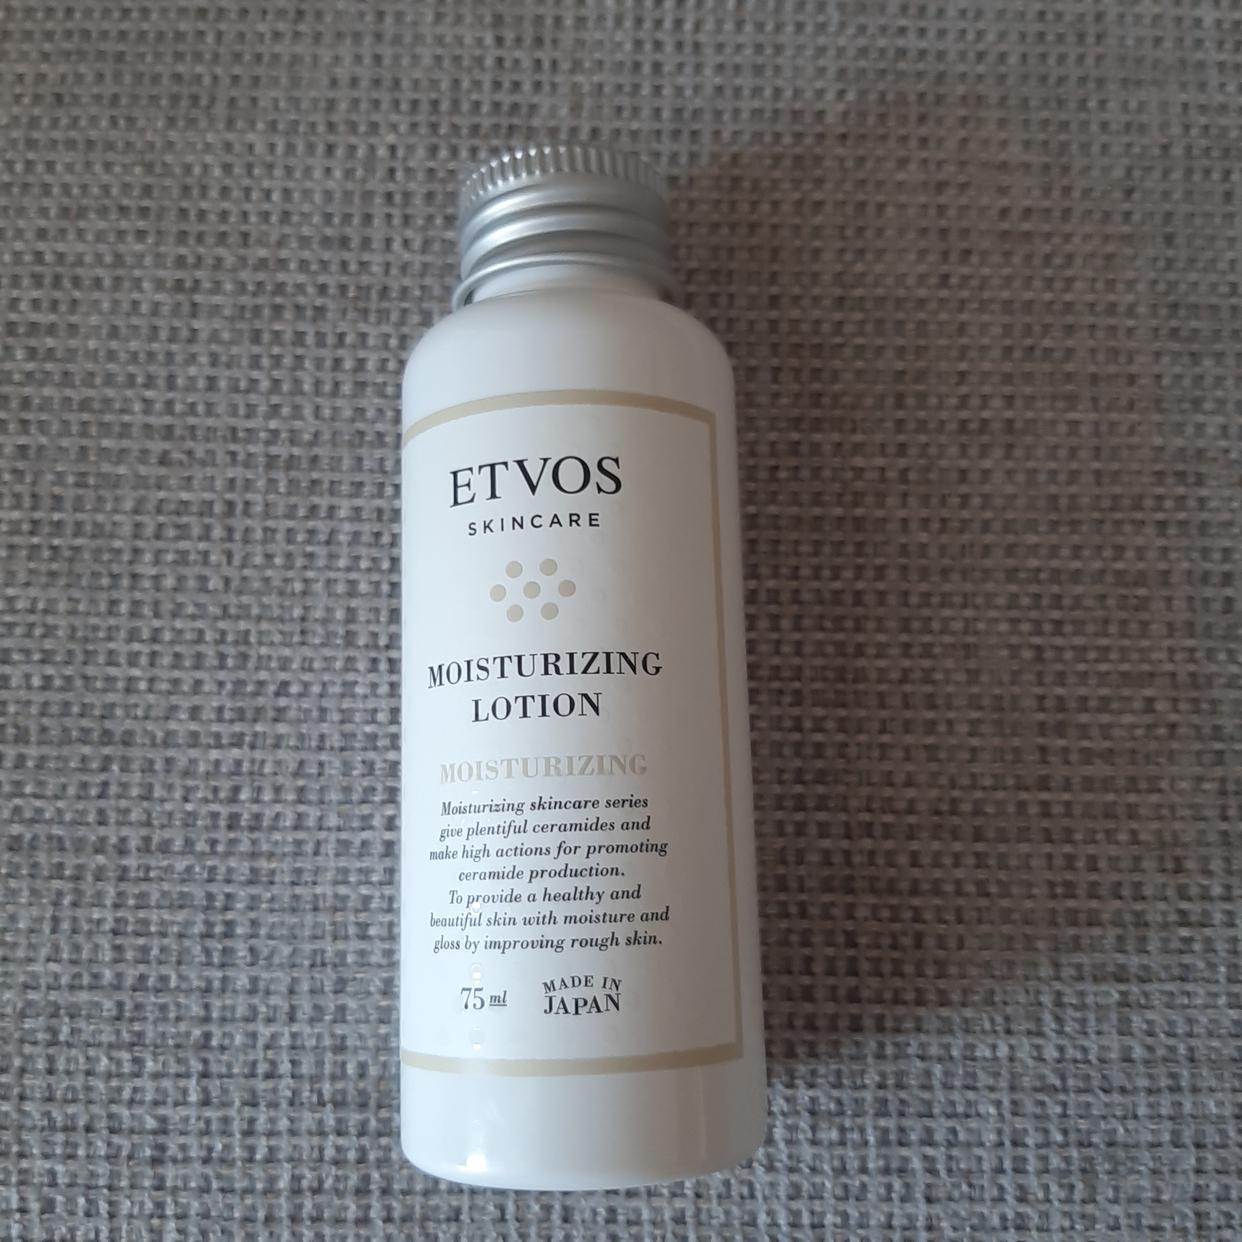 ETVOS(エトヴォス)モイスチャライジングローションを使ったさおらーさんのクチコミ画像